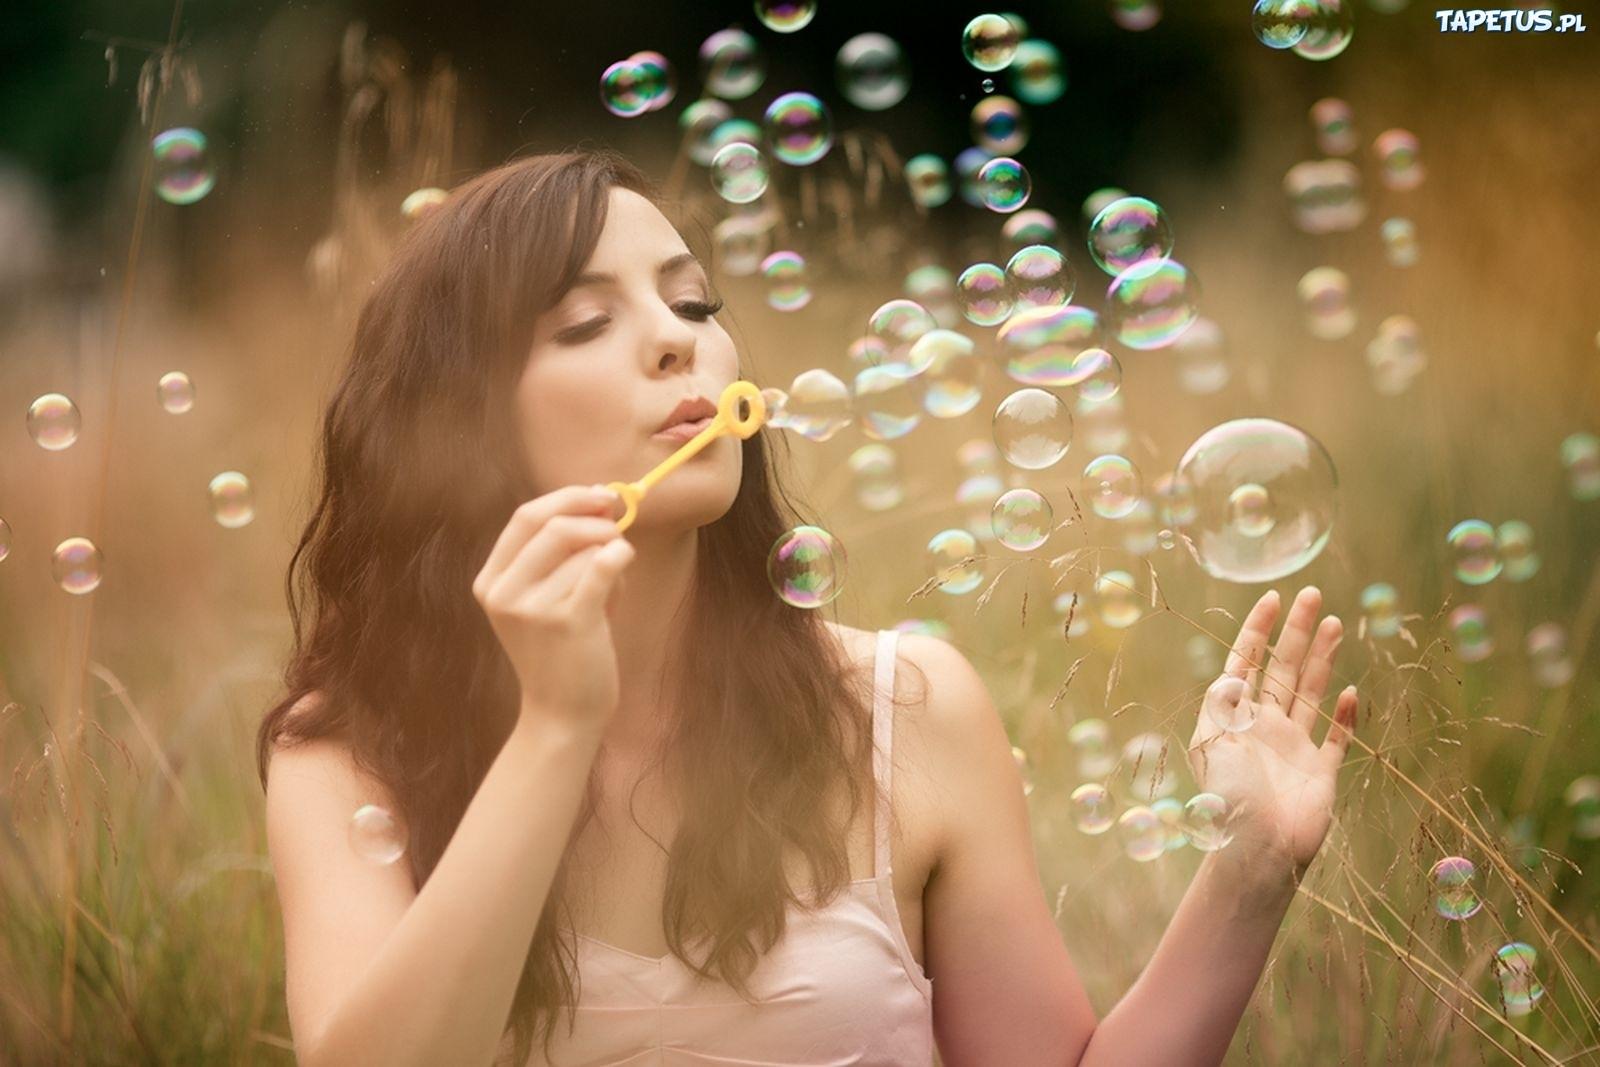 милая девочка с мыльными пузырями  № 1823224 загрузить